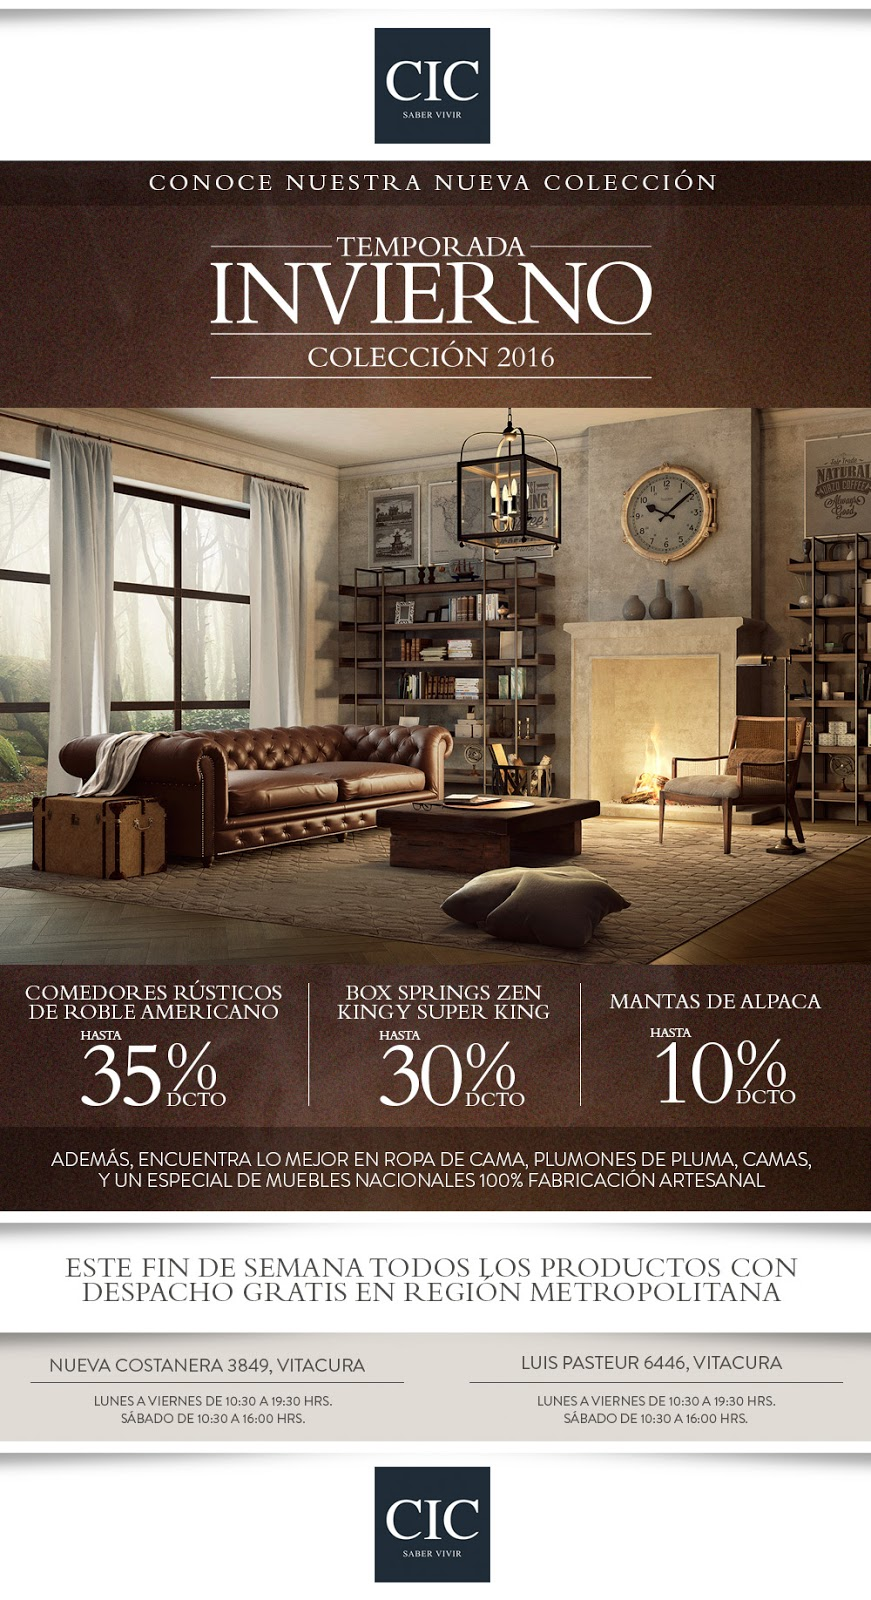 Diego Aleite Dise O Publicidad Mkt 3d # Muebles Cic Comedores